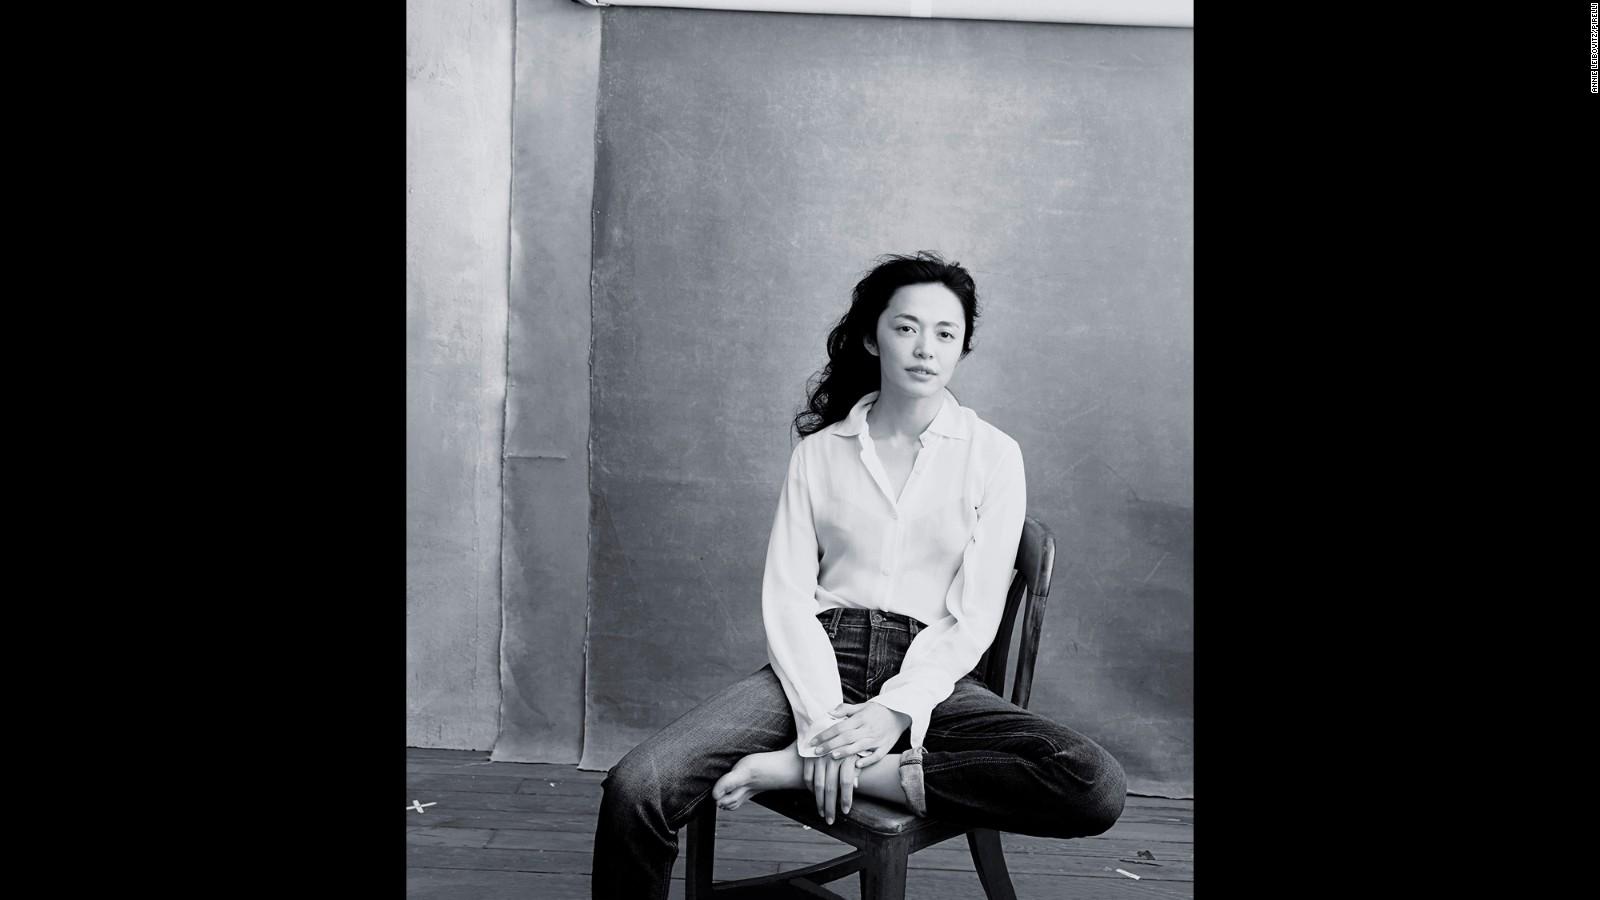 Annie leibovitz unveils portraits of amy schumer adele cnn style